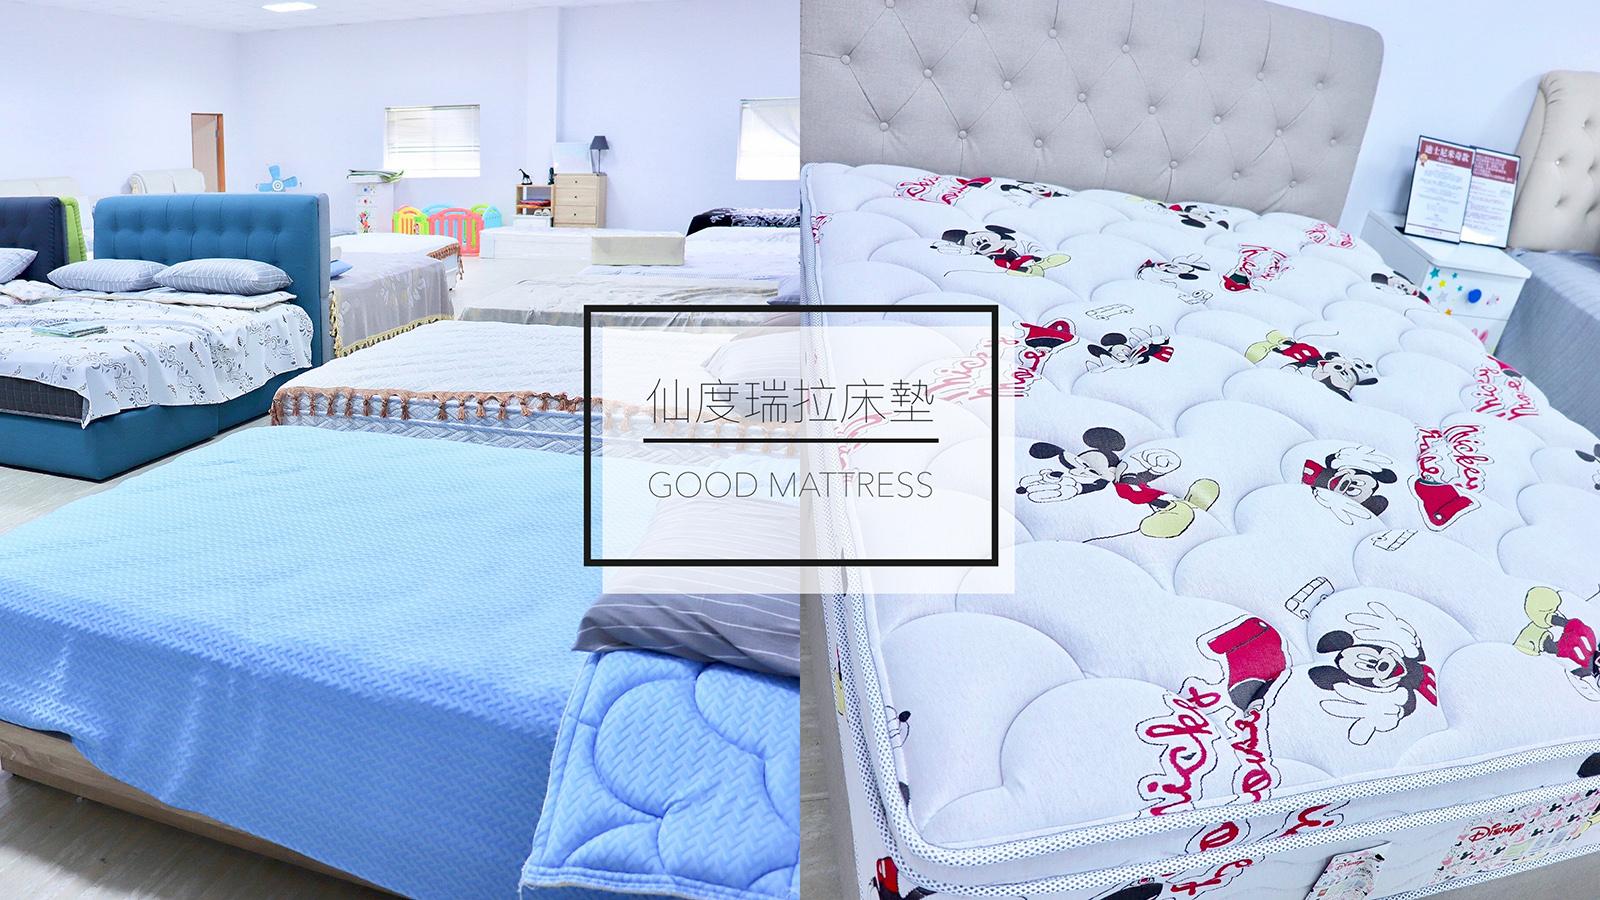 今日熱門文章:☆【居家】仙度瑞拉床墊。樹林工廠直營床墊 製床、試躺完整體驗